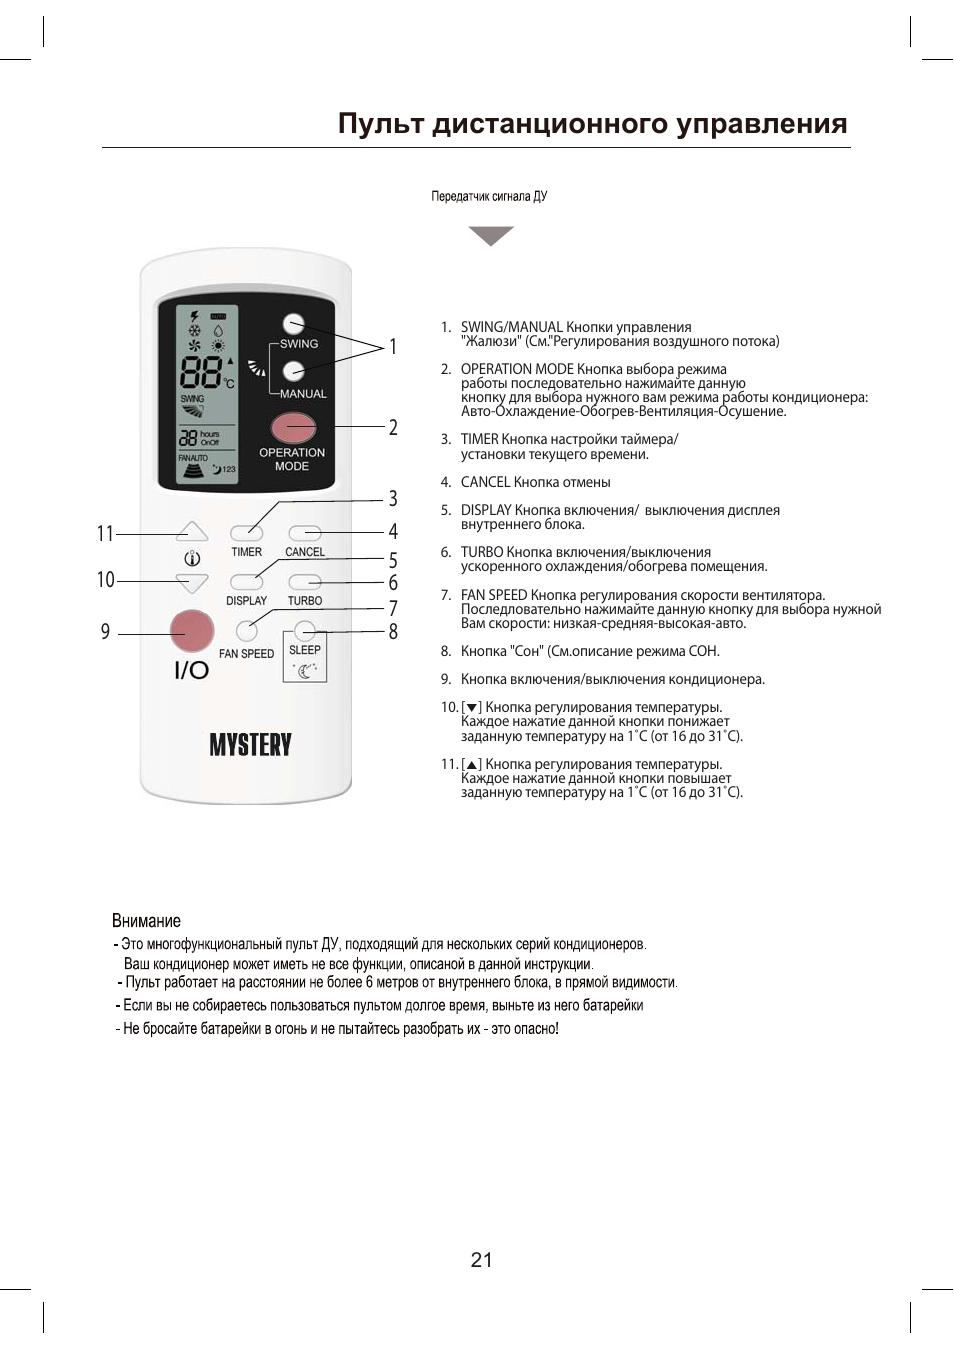 инструкция к кондиционеру gree gwh12mb